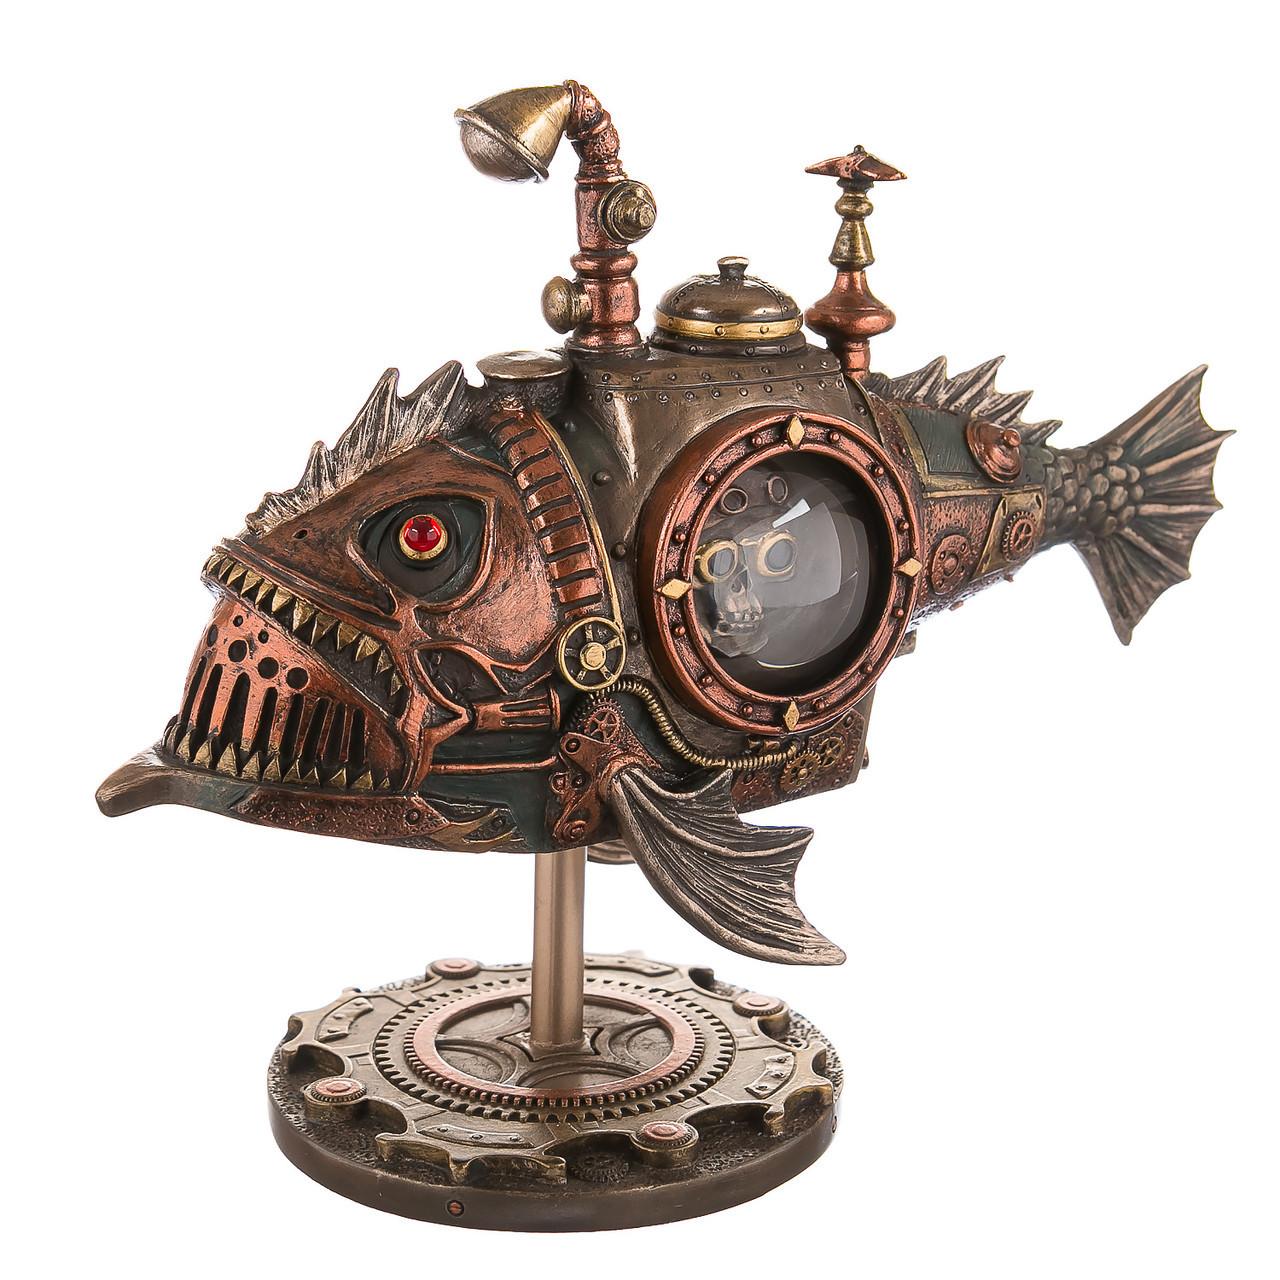 Статуэтка Veronese Механическая Рыба 18 см 76795